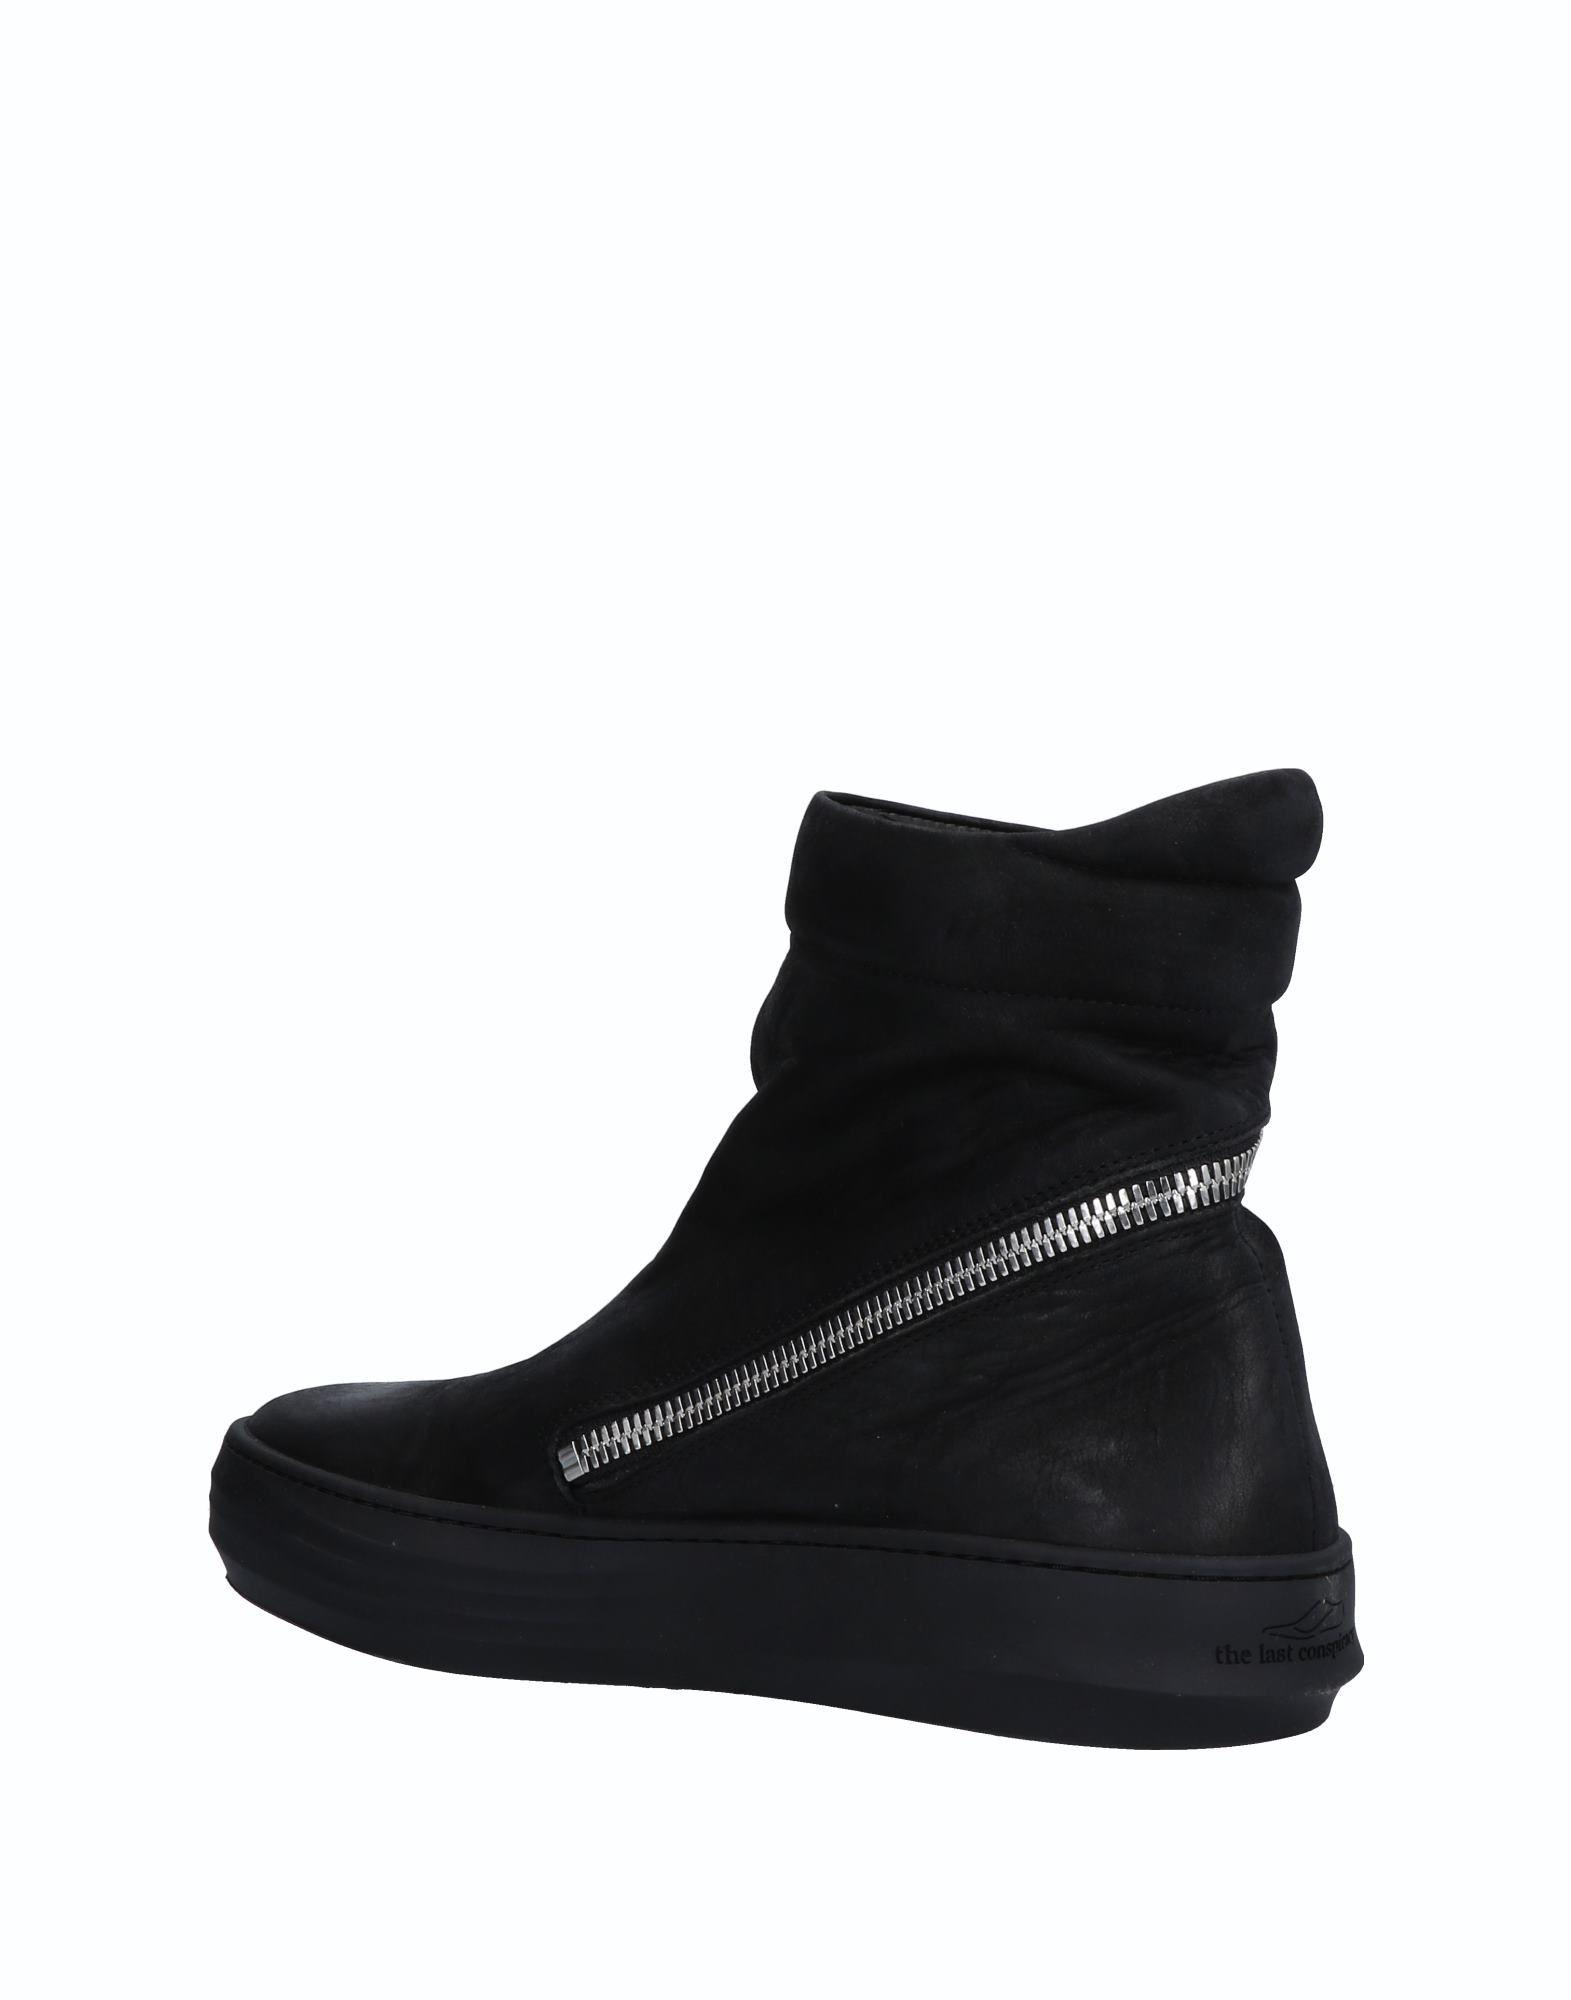 The Last Gute Conspiracy Sneakers Herren  11518111EW Gute Last Qualität beliebte Schuhe 0dbf73